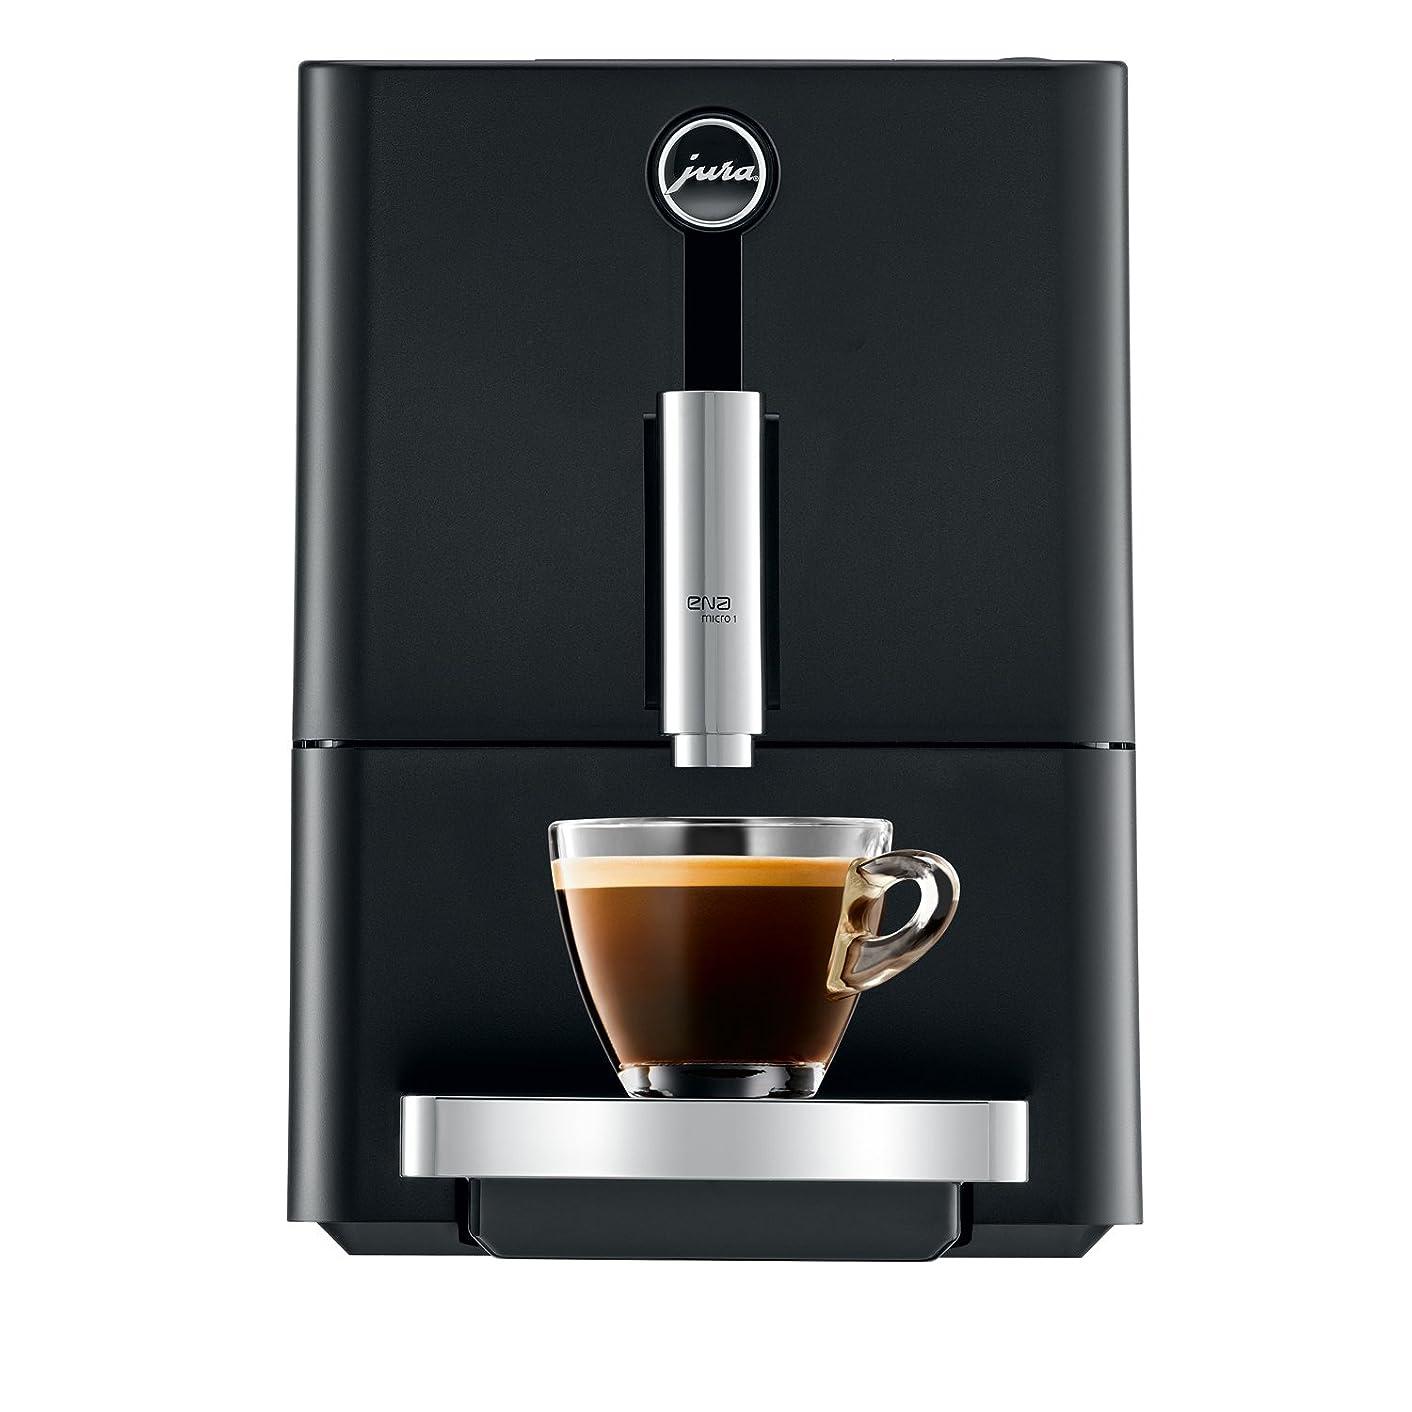 公式ウール擁するjura(ユーラ) 全自動コーヒーマシン ENA Micro 1 ブラック